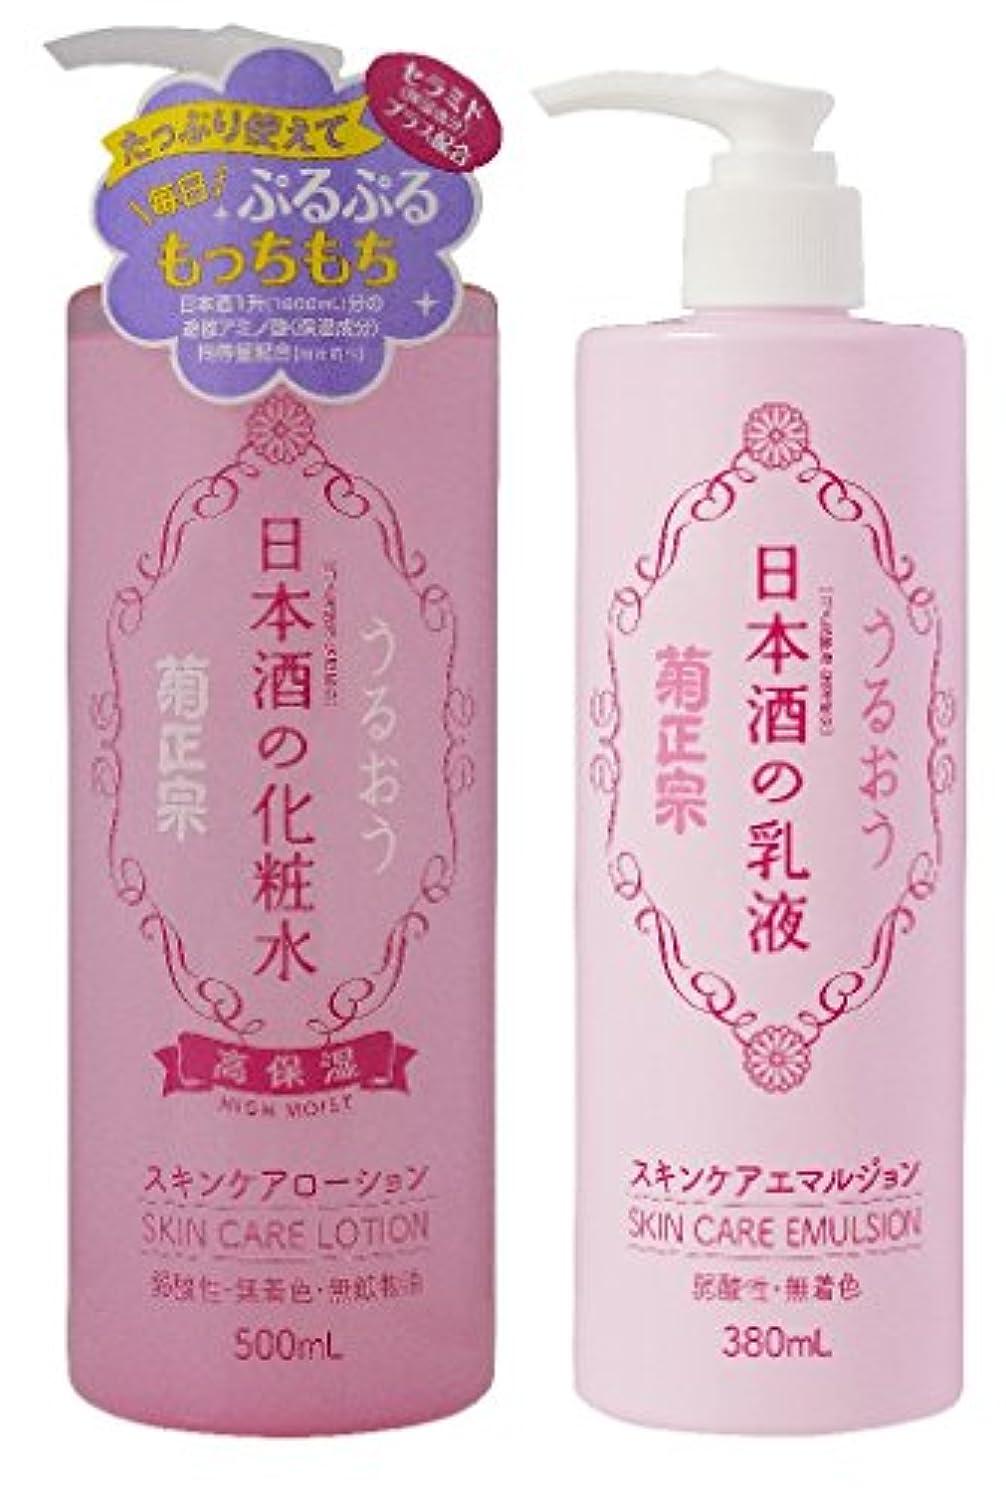 花婿絡み合い課税菊正宗 日本酒の化粧水(高保湿タイプ)500ml+乳液380mlセット